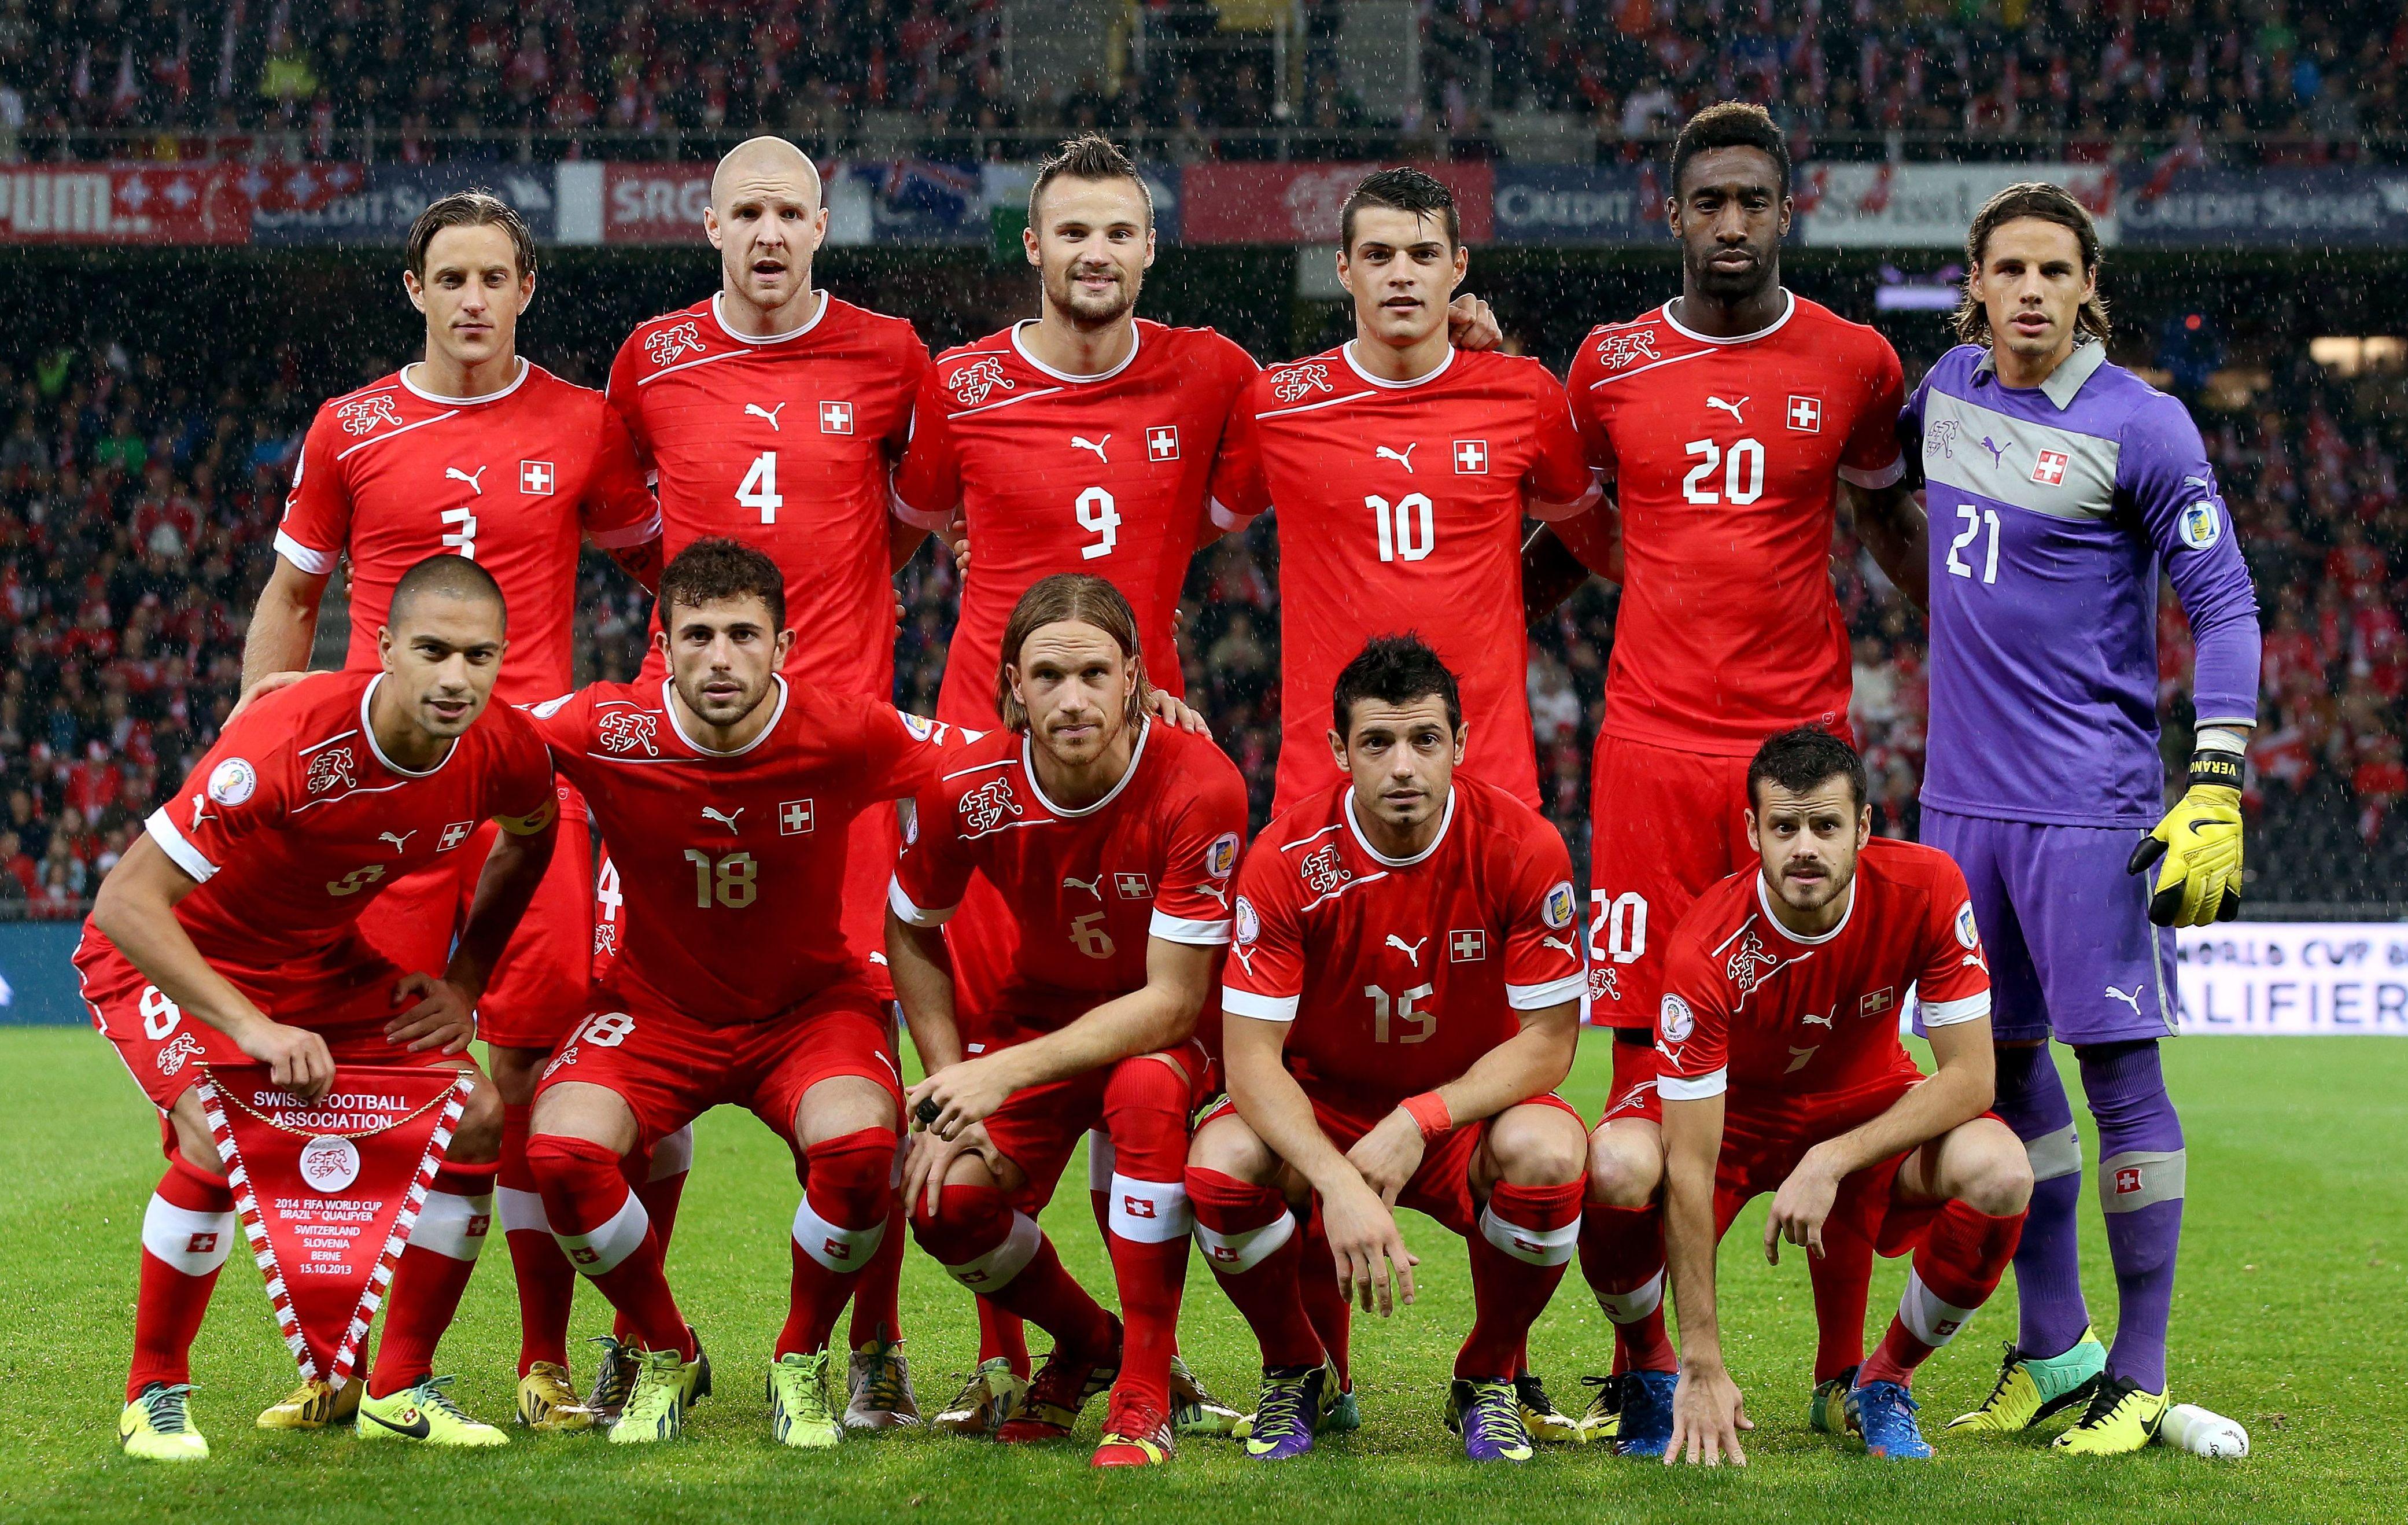 Groupe e les adversaires des bleus la loupe 2014 br sil coupe du monde football - Coupe du monde handball 2013 ...